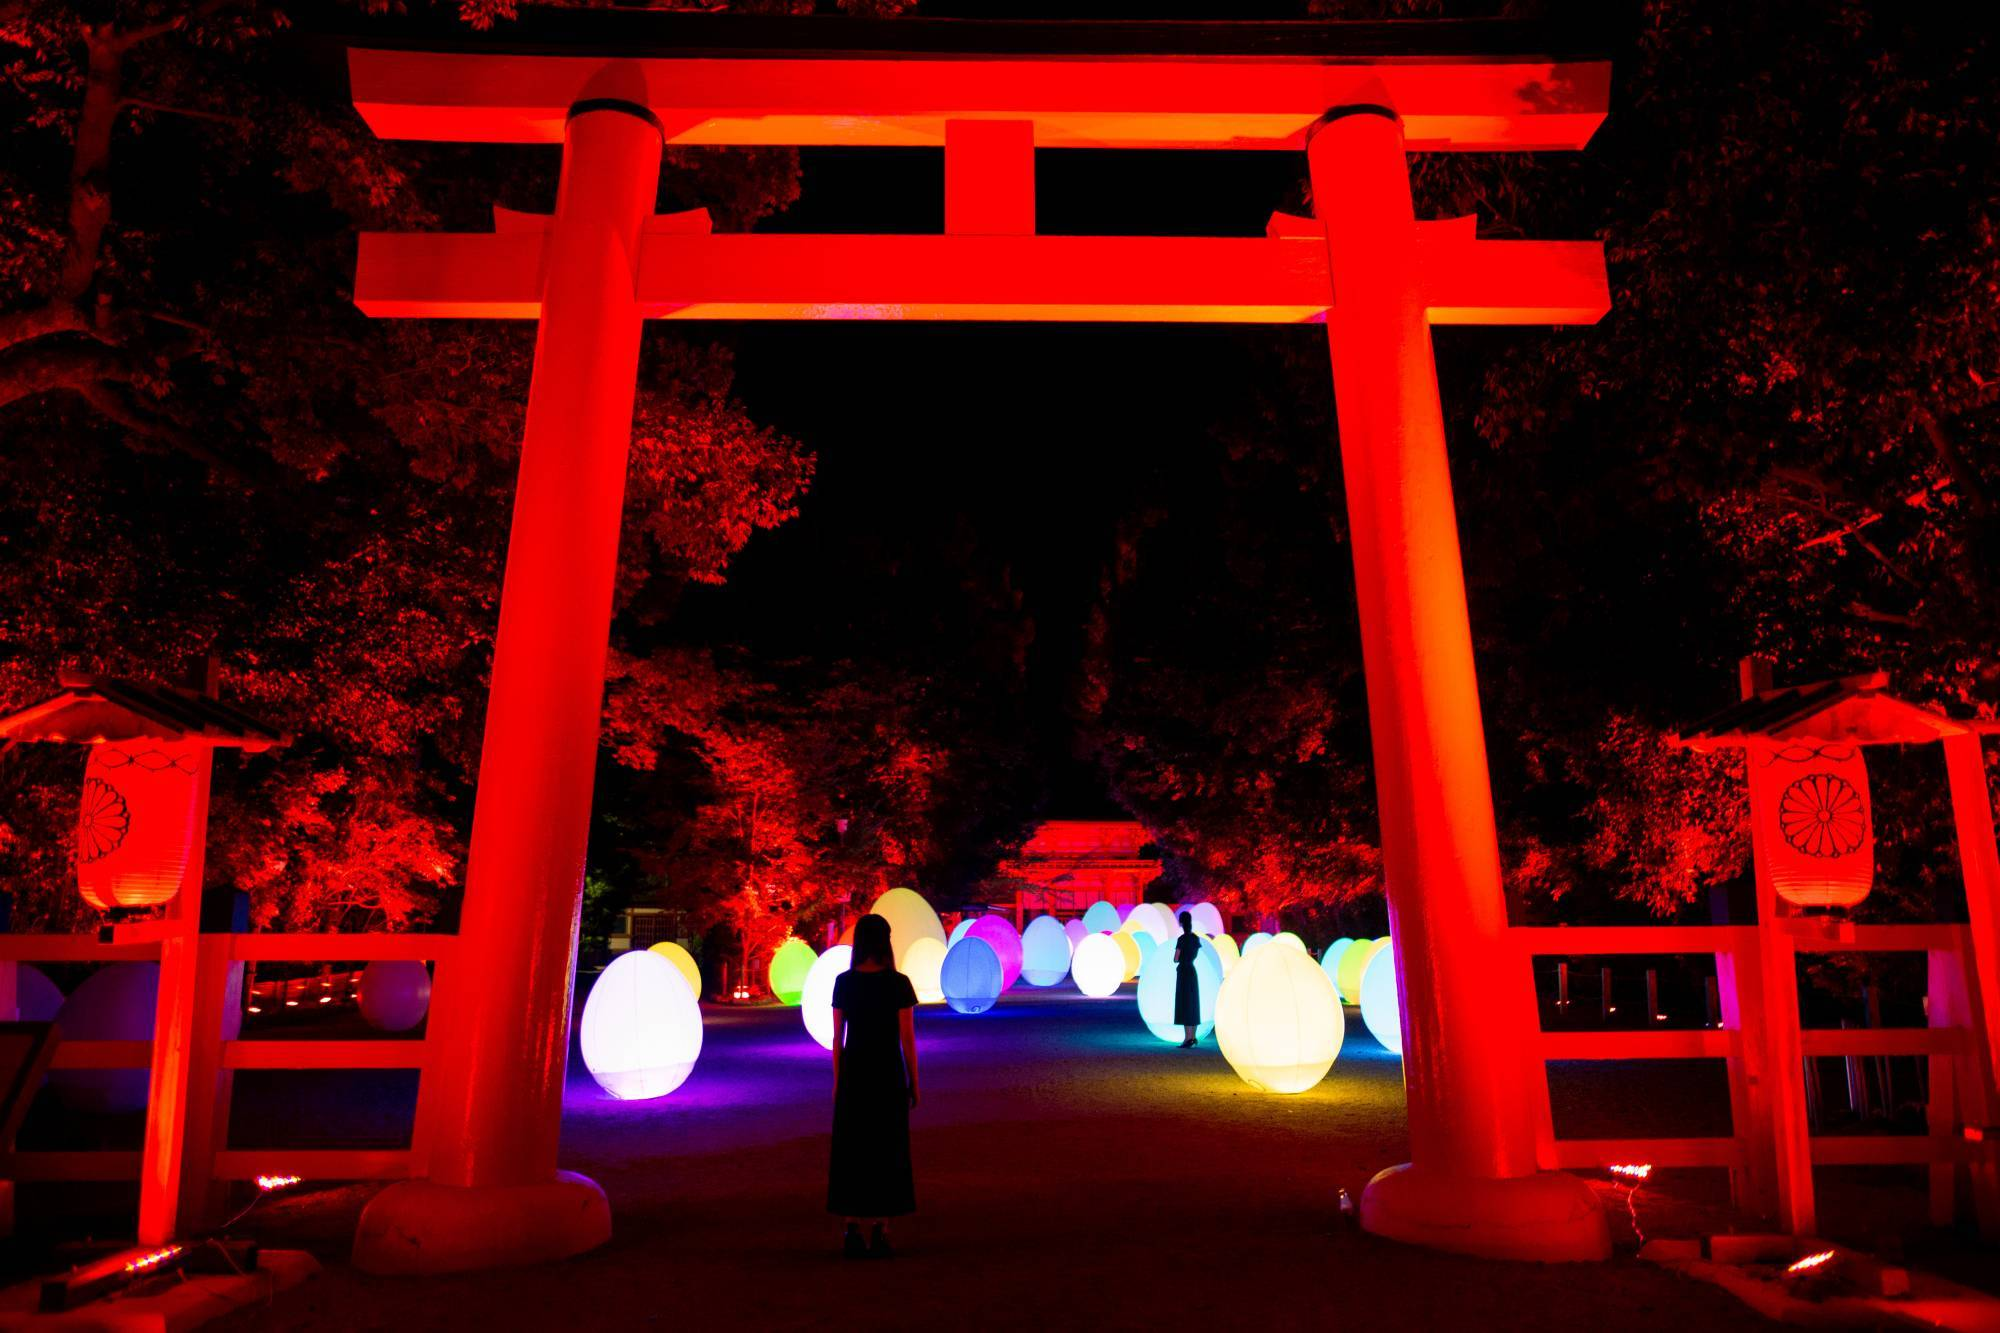 世界遺産「下鴨神社」がアート空間に! チームラボが手がける光と音の野外ミュージアム